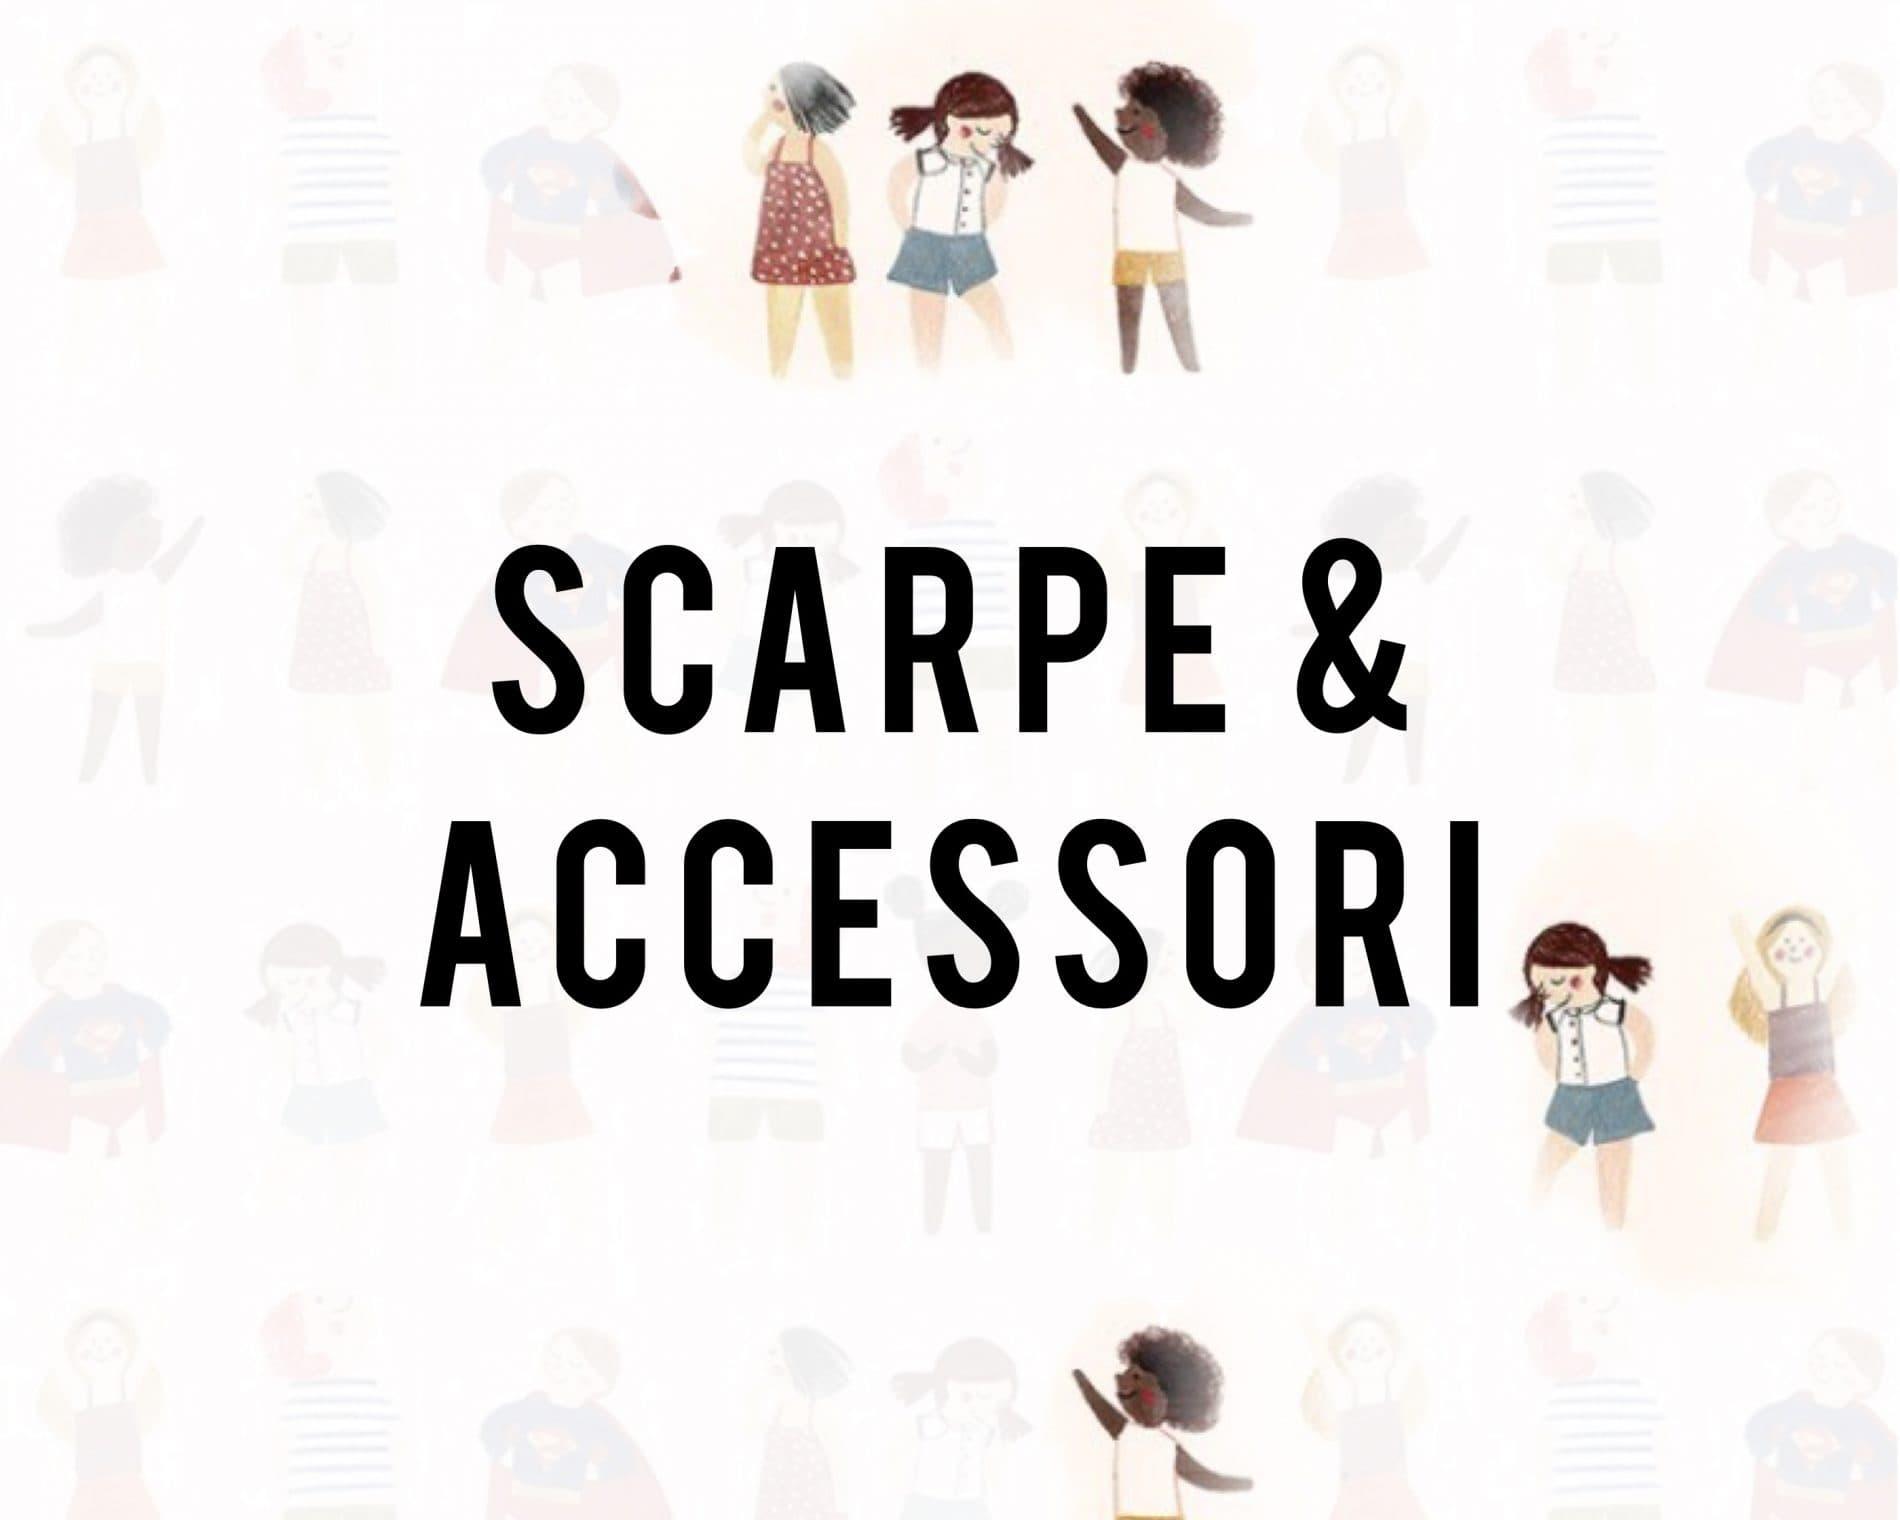 Scarpe & Accessori